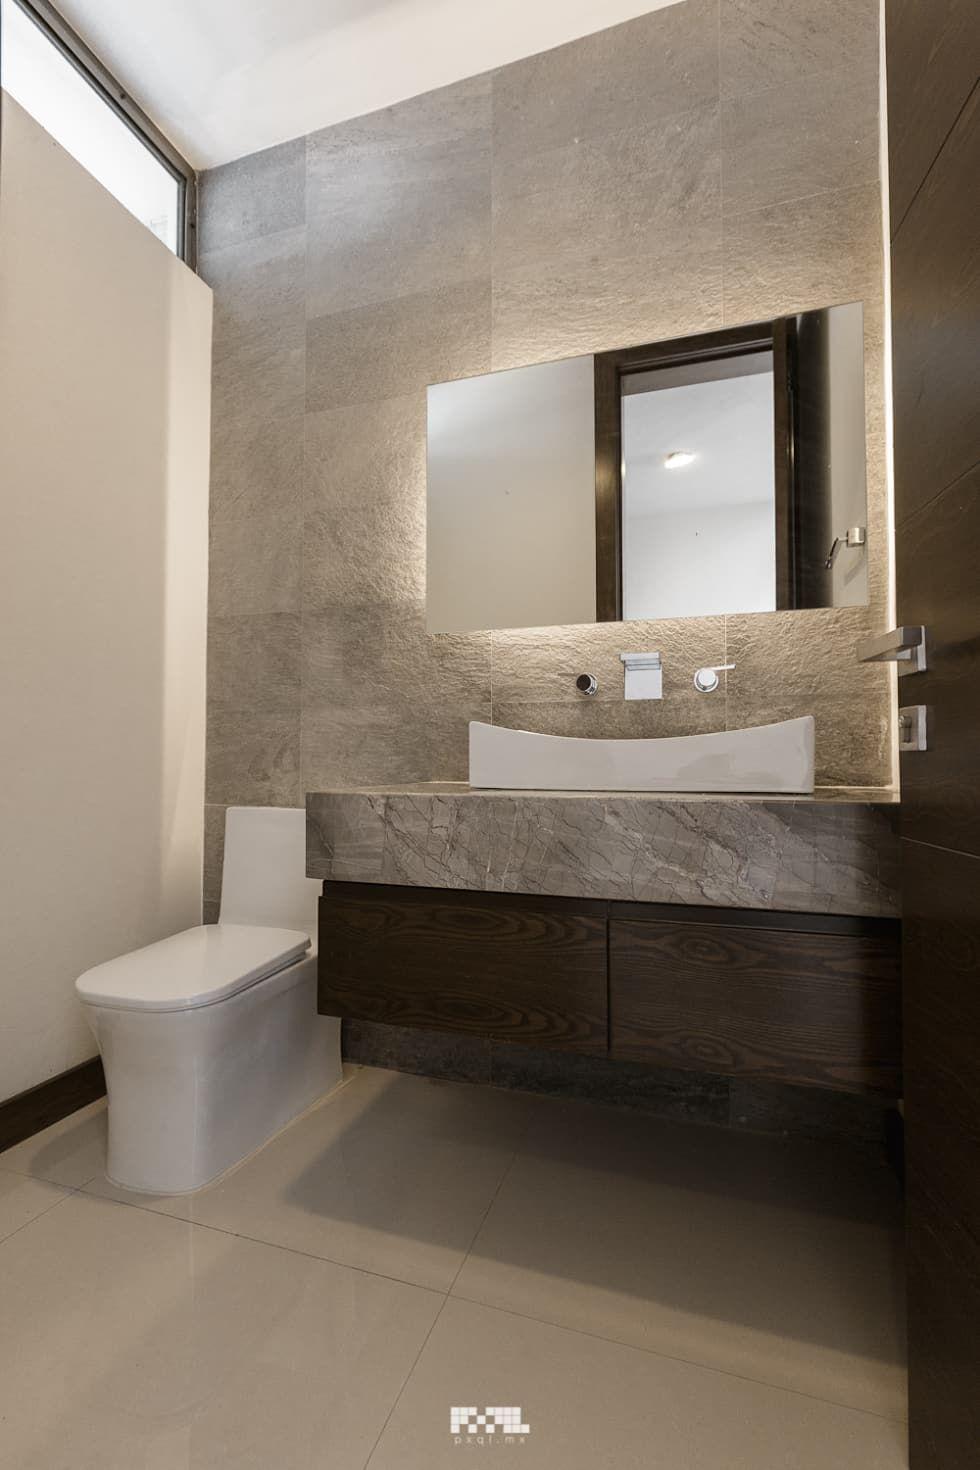 Virreyes 15 ba os de estilo por 2m arquitectura en 2019 for Muebles de bano de diseno modernos